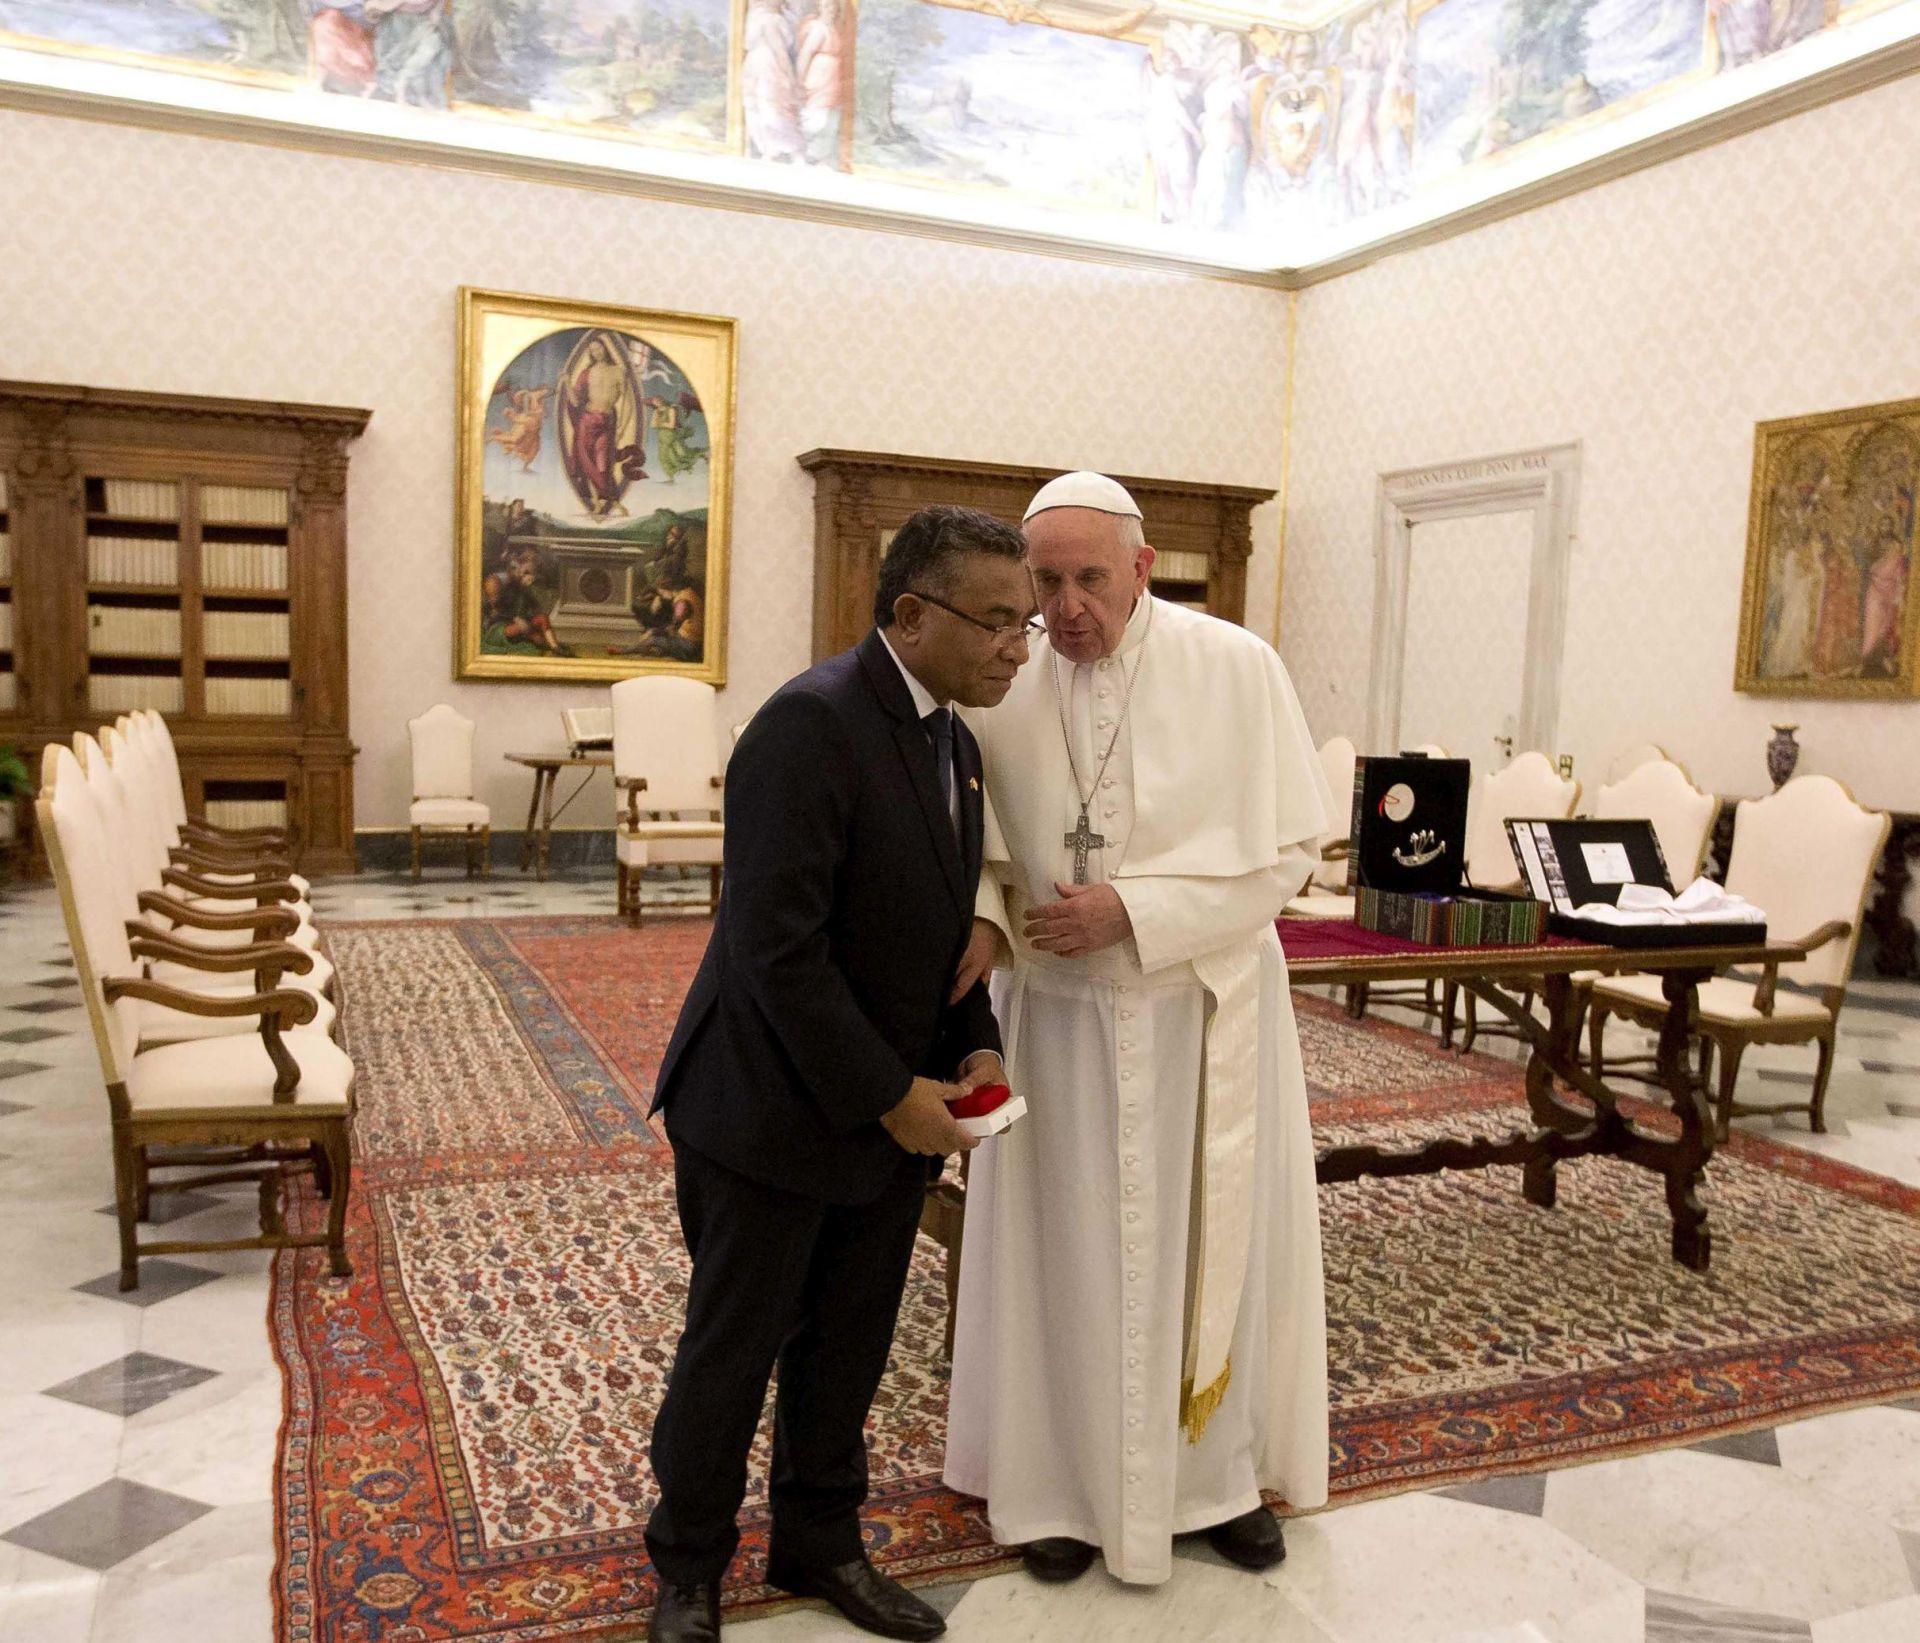 PROMJENA AKTUALNOG PROTOKOLA? Papa uskoro prima razvedene šefove katoličkih država s novim suprugama